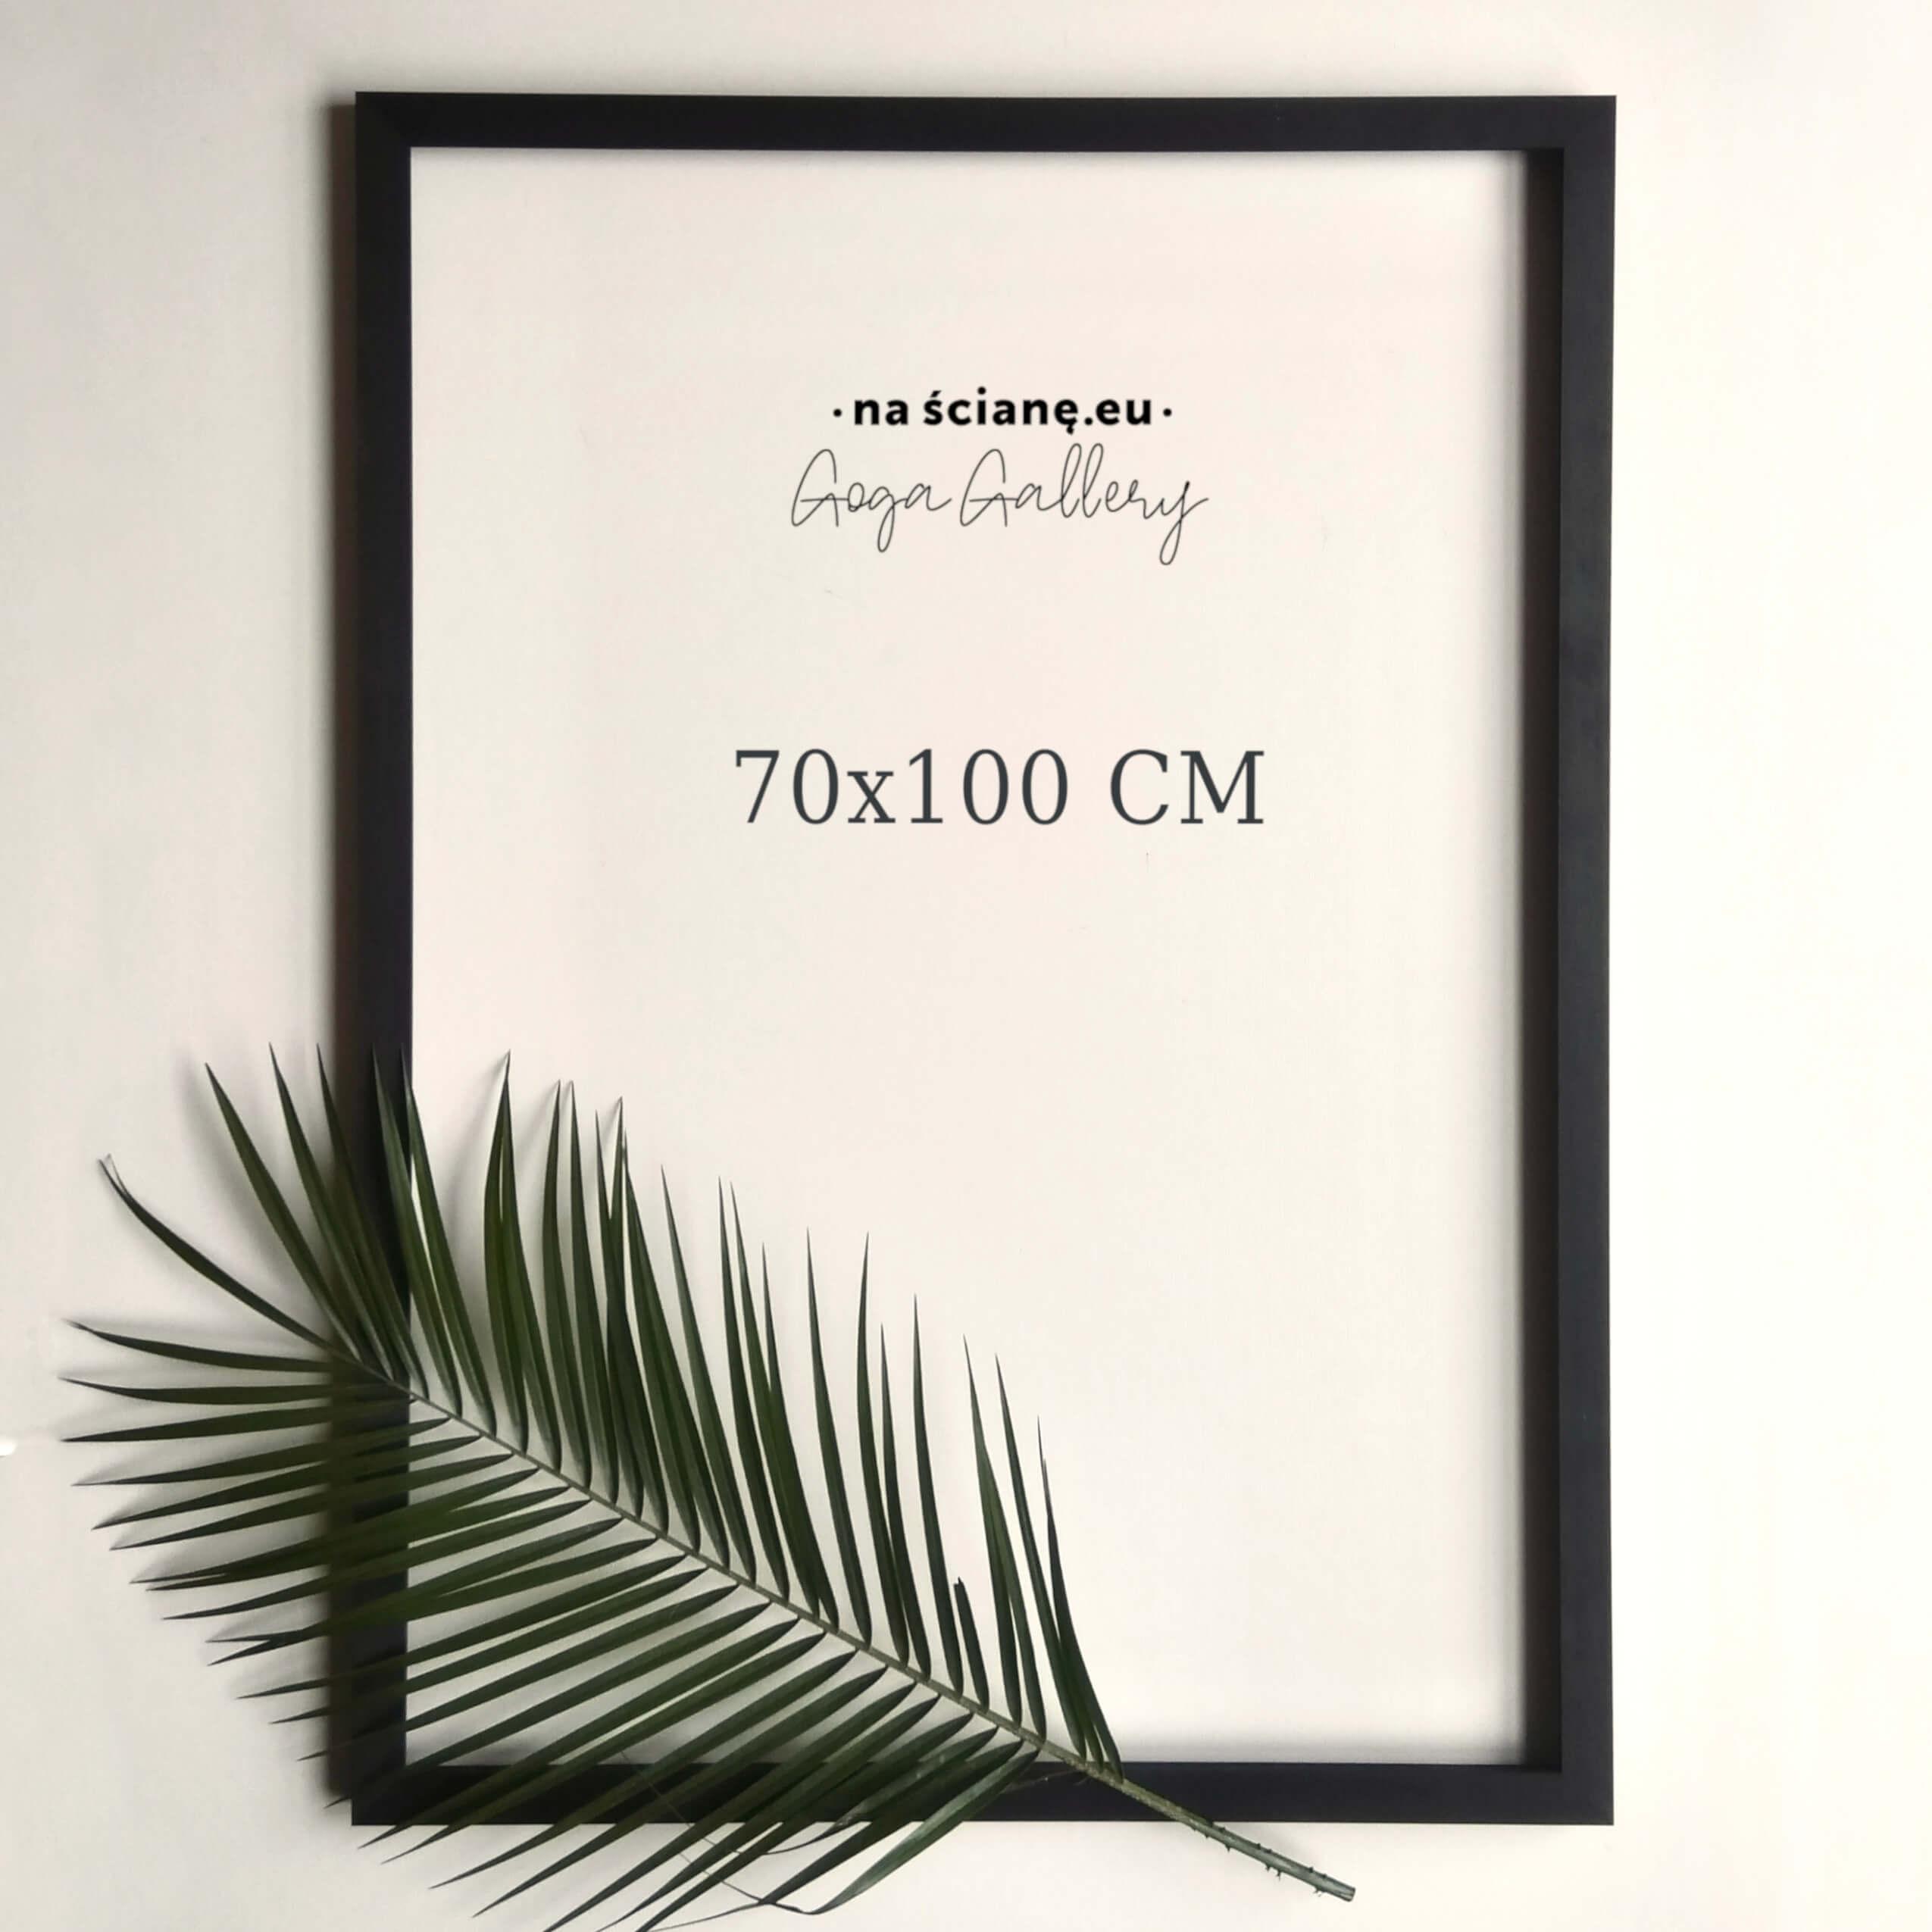 Drewniana rama na plakat lub zdjęcie, czarna bejca -  70x100 cm